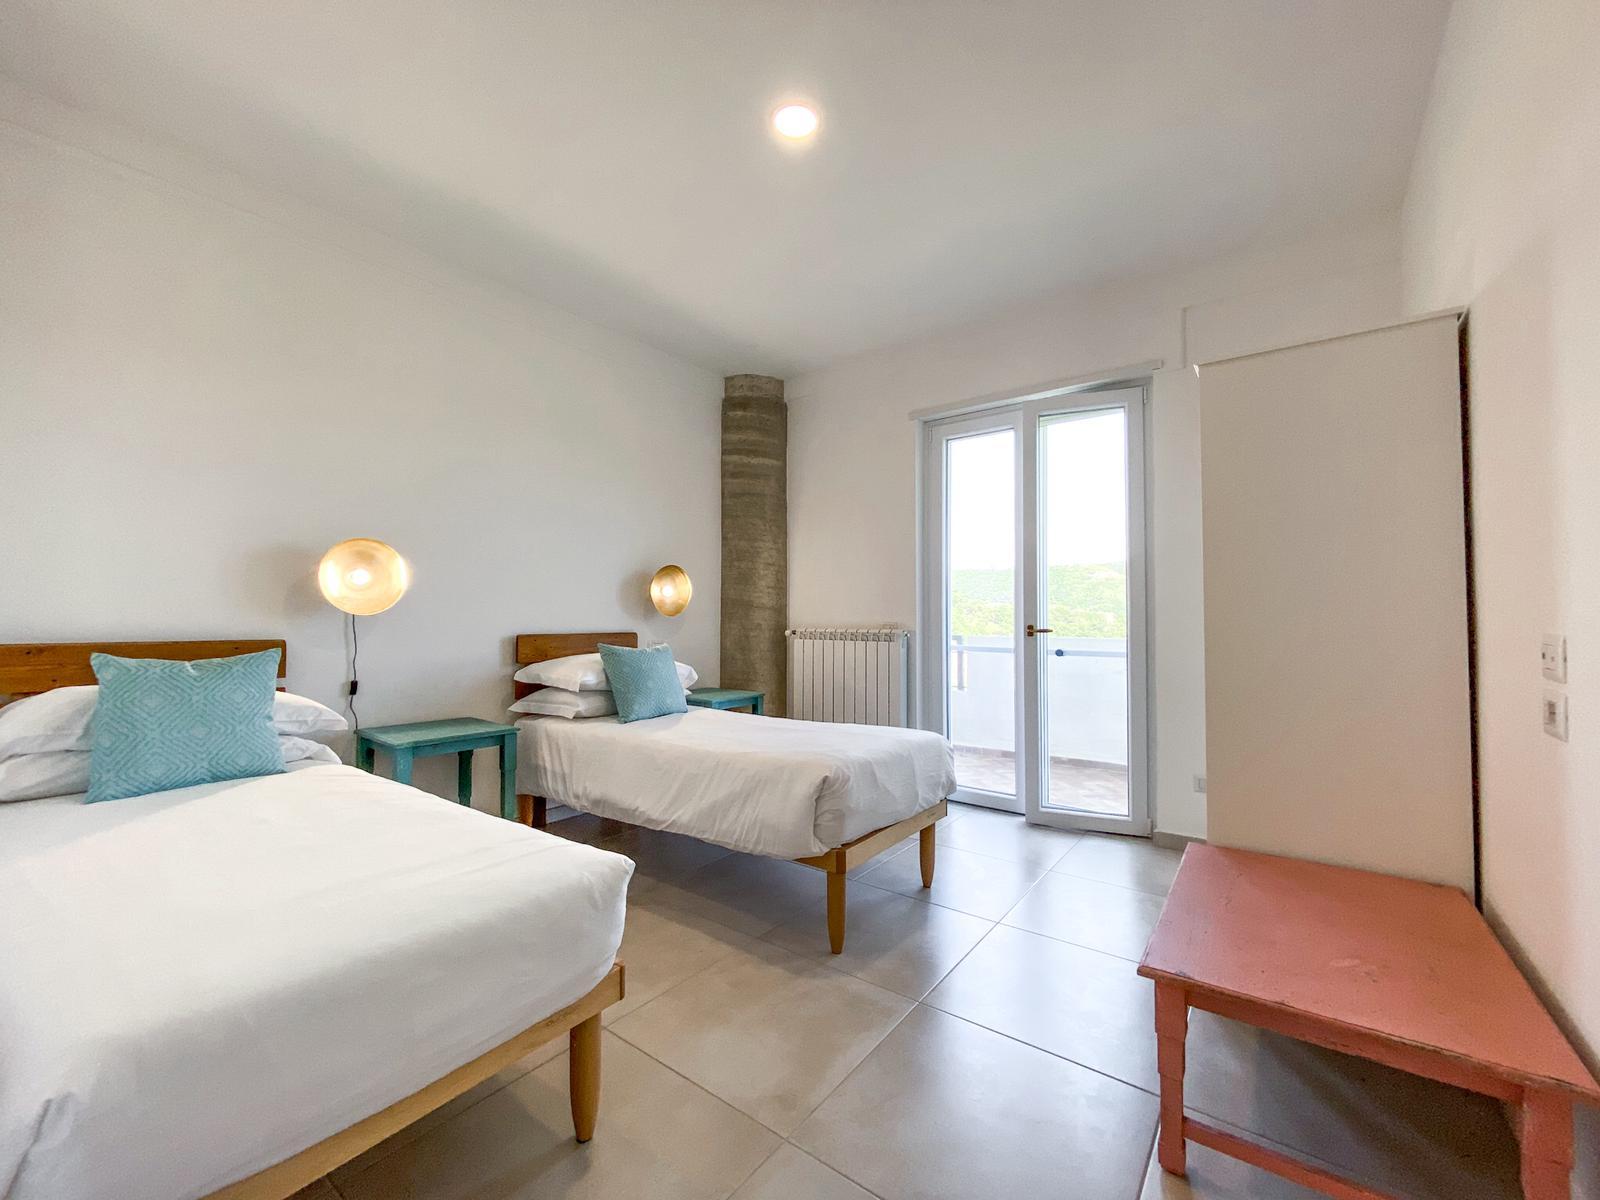 tenuta-normanni-foresteria-suites-large1